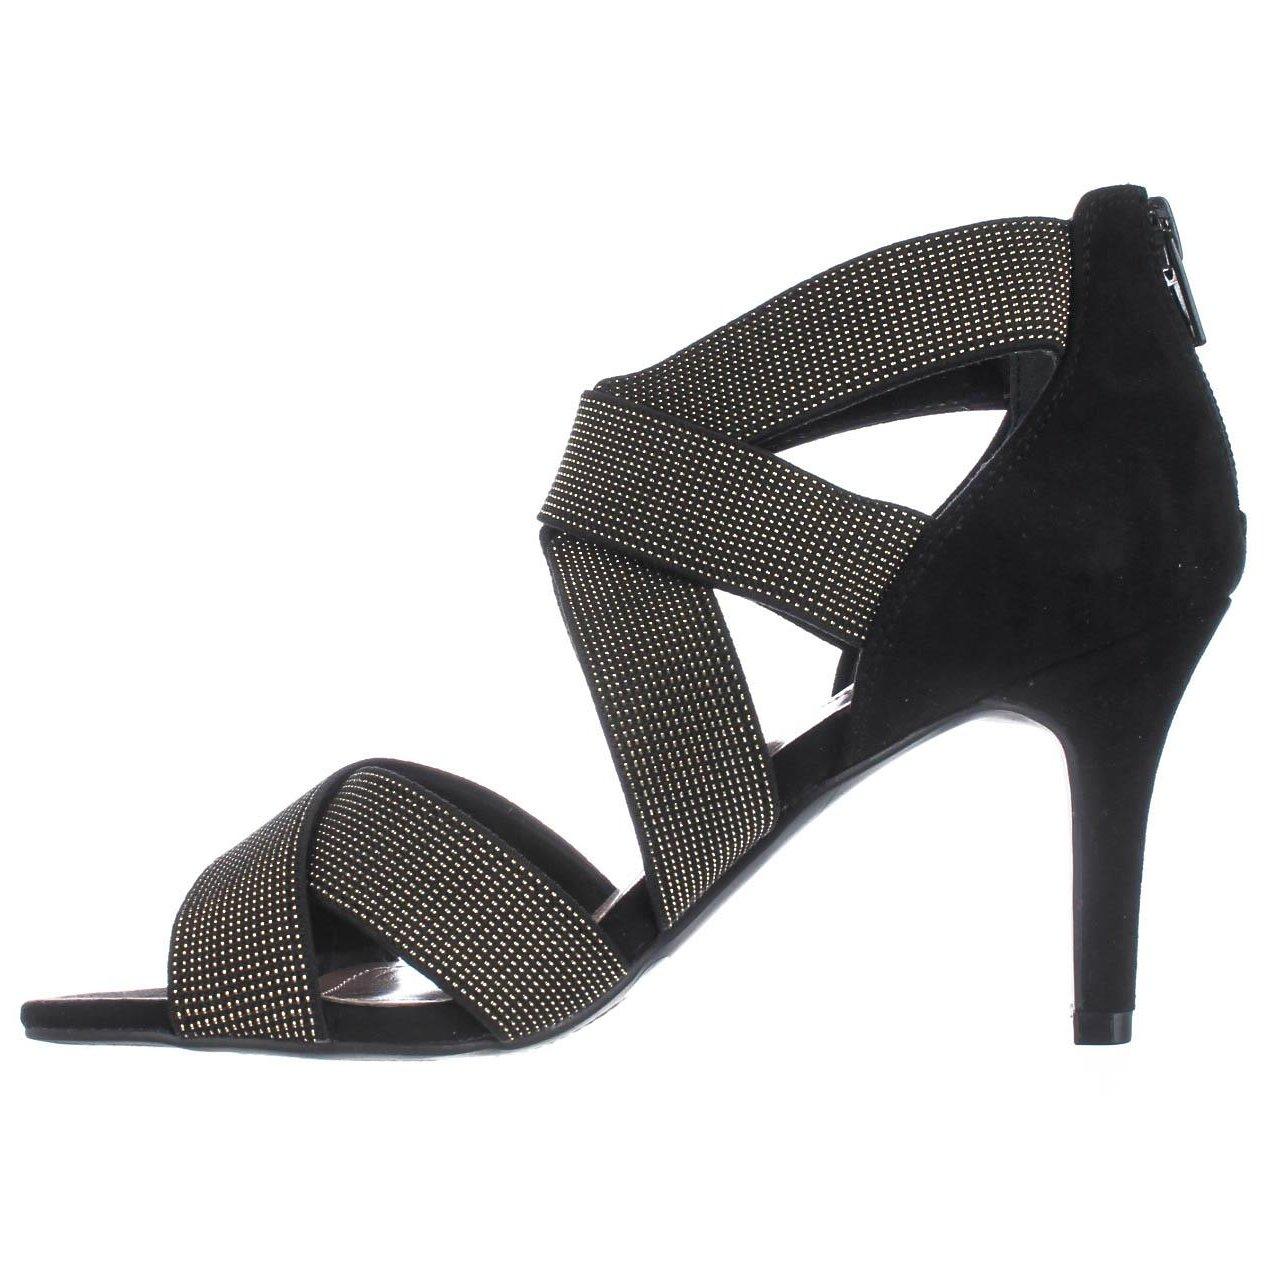 Style Co. Donna Seleste Open Toe Ankle Strap Classic Classic Classic Nero/Gold Size 10.0 930f44